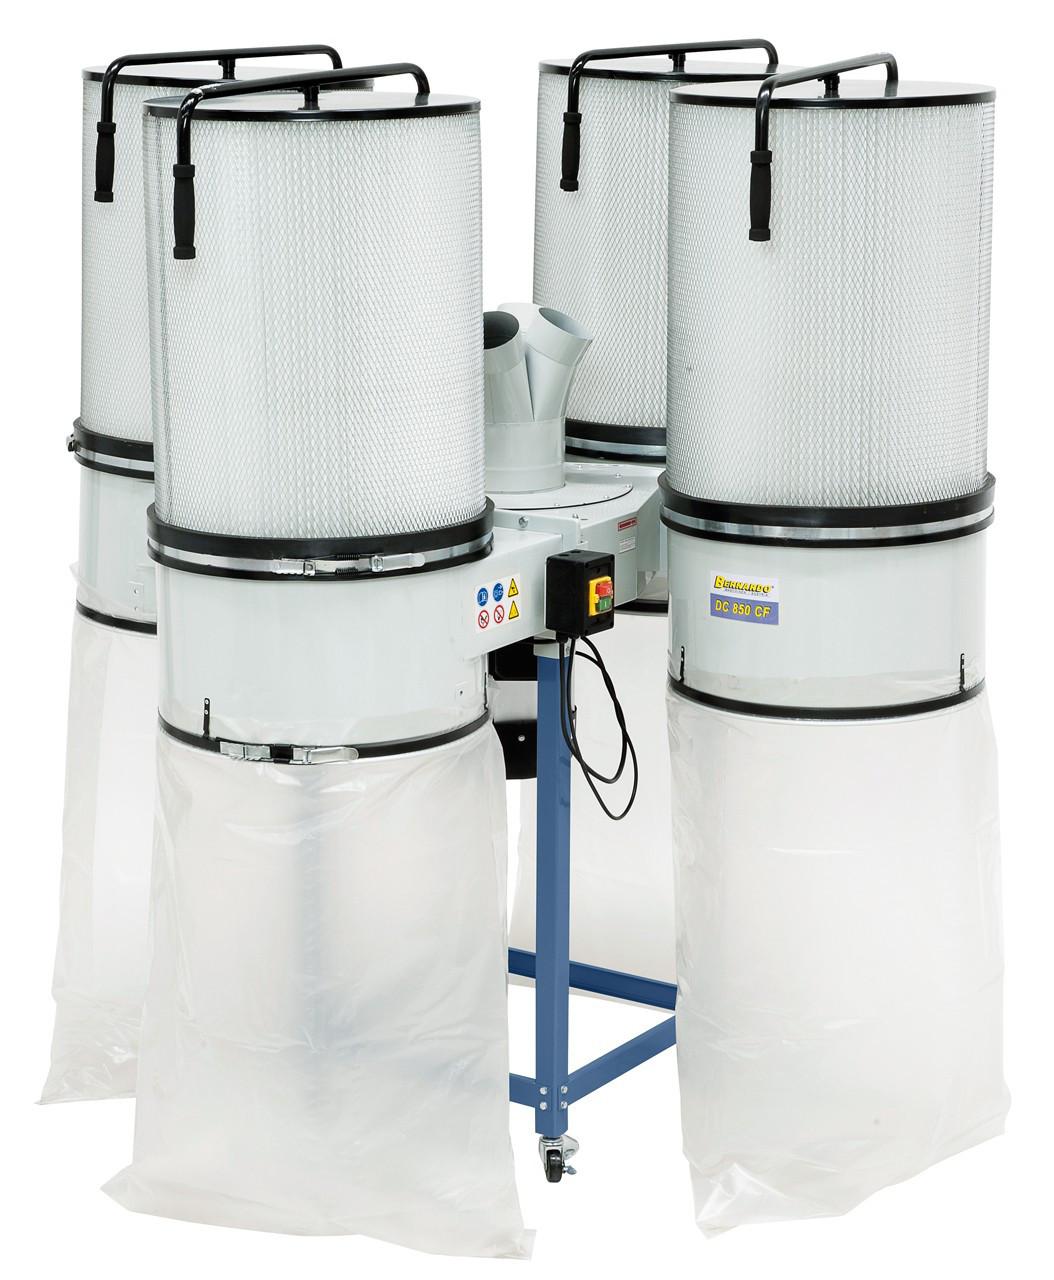 Аспирационная система промышленного типа DC 850 CF Bernardo | Аспирации с картриджными фильтрами